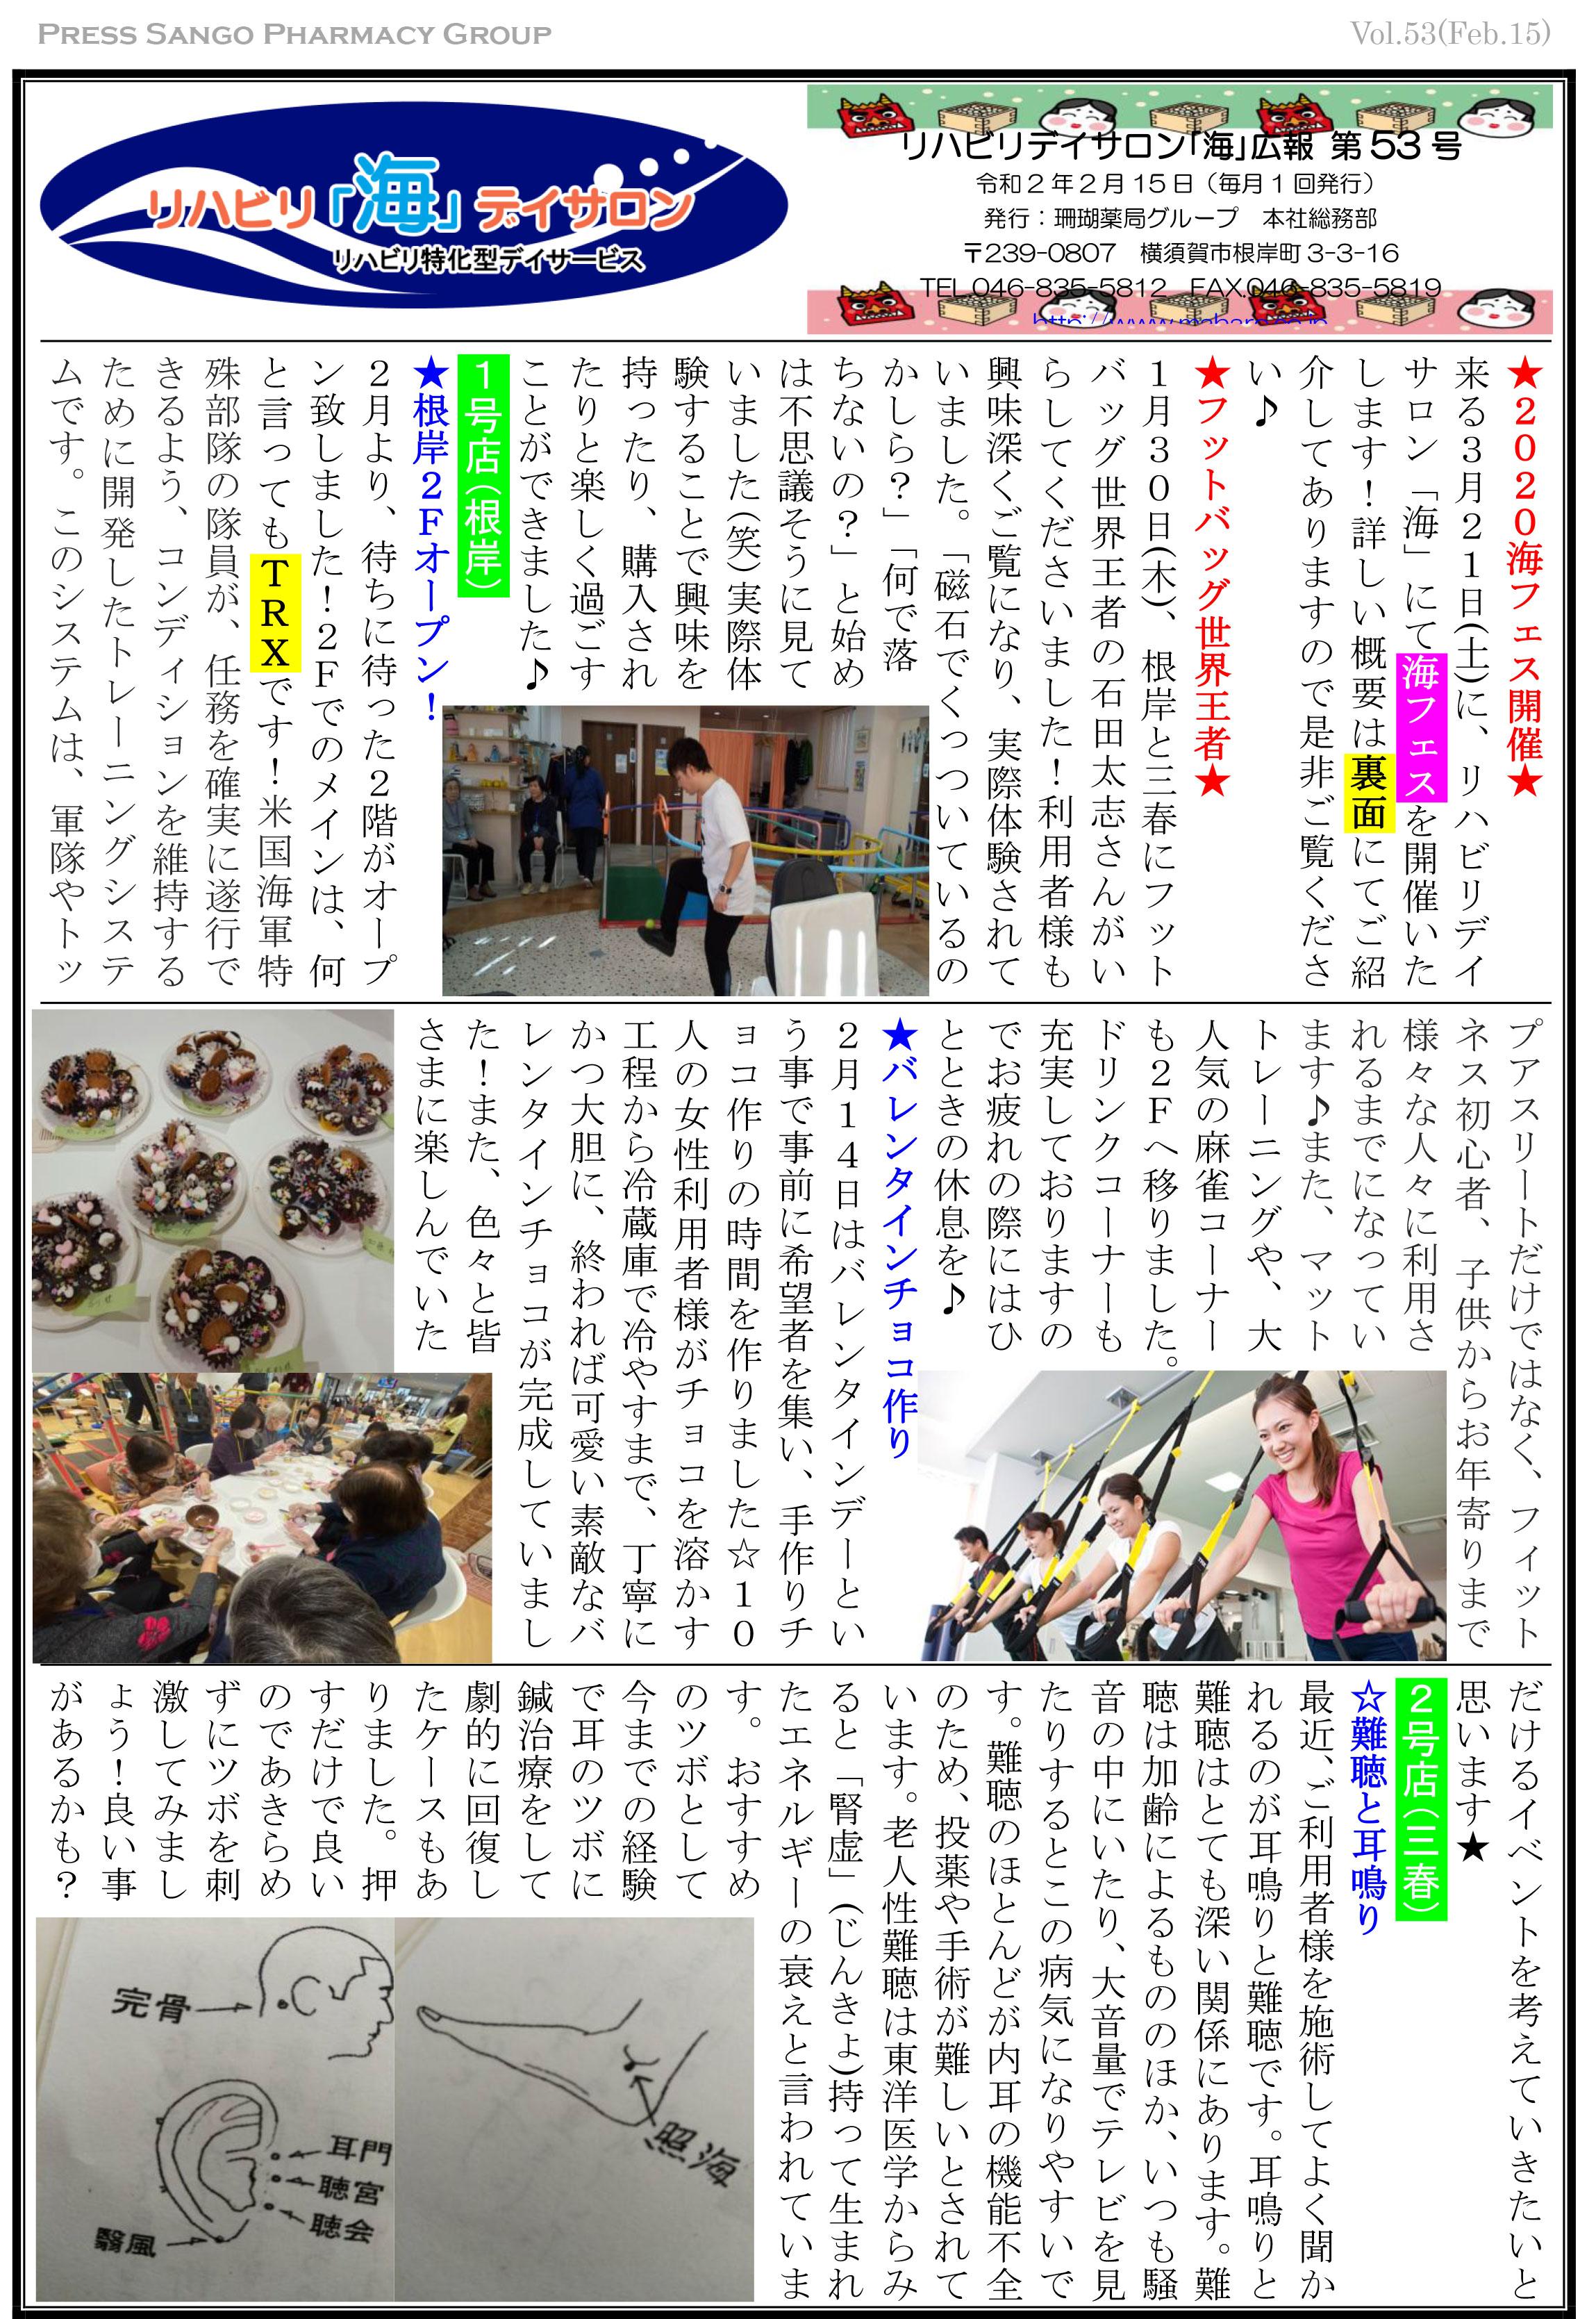 リハビリデイサロン「海」広報誌 第53号